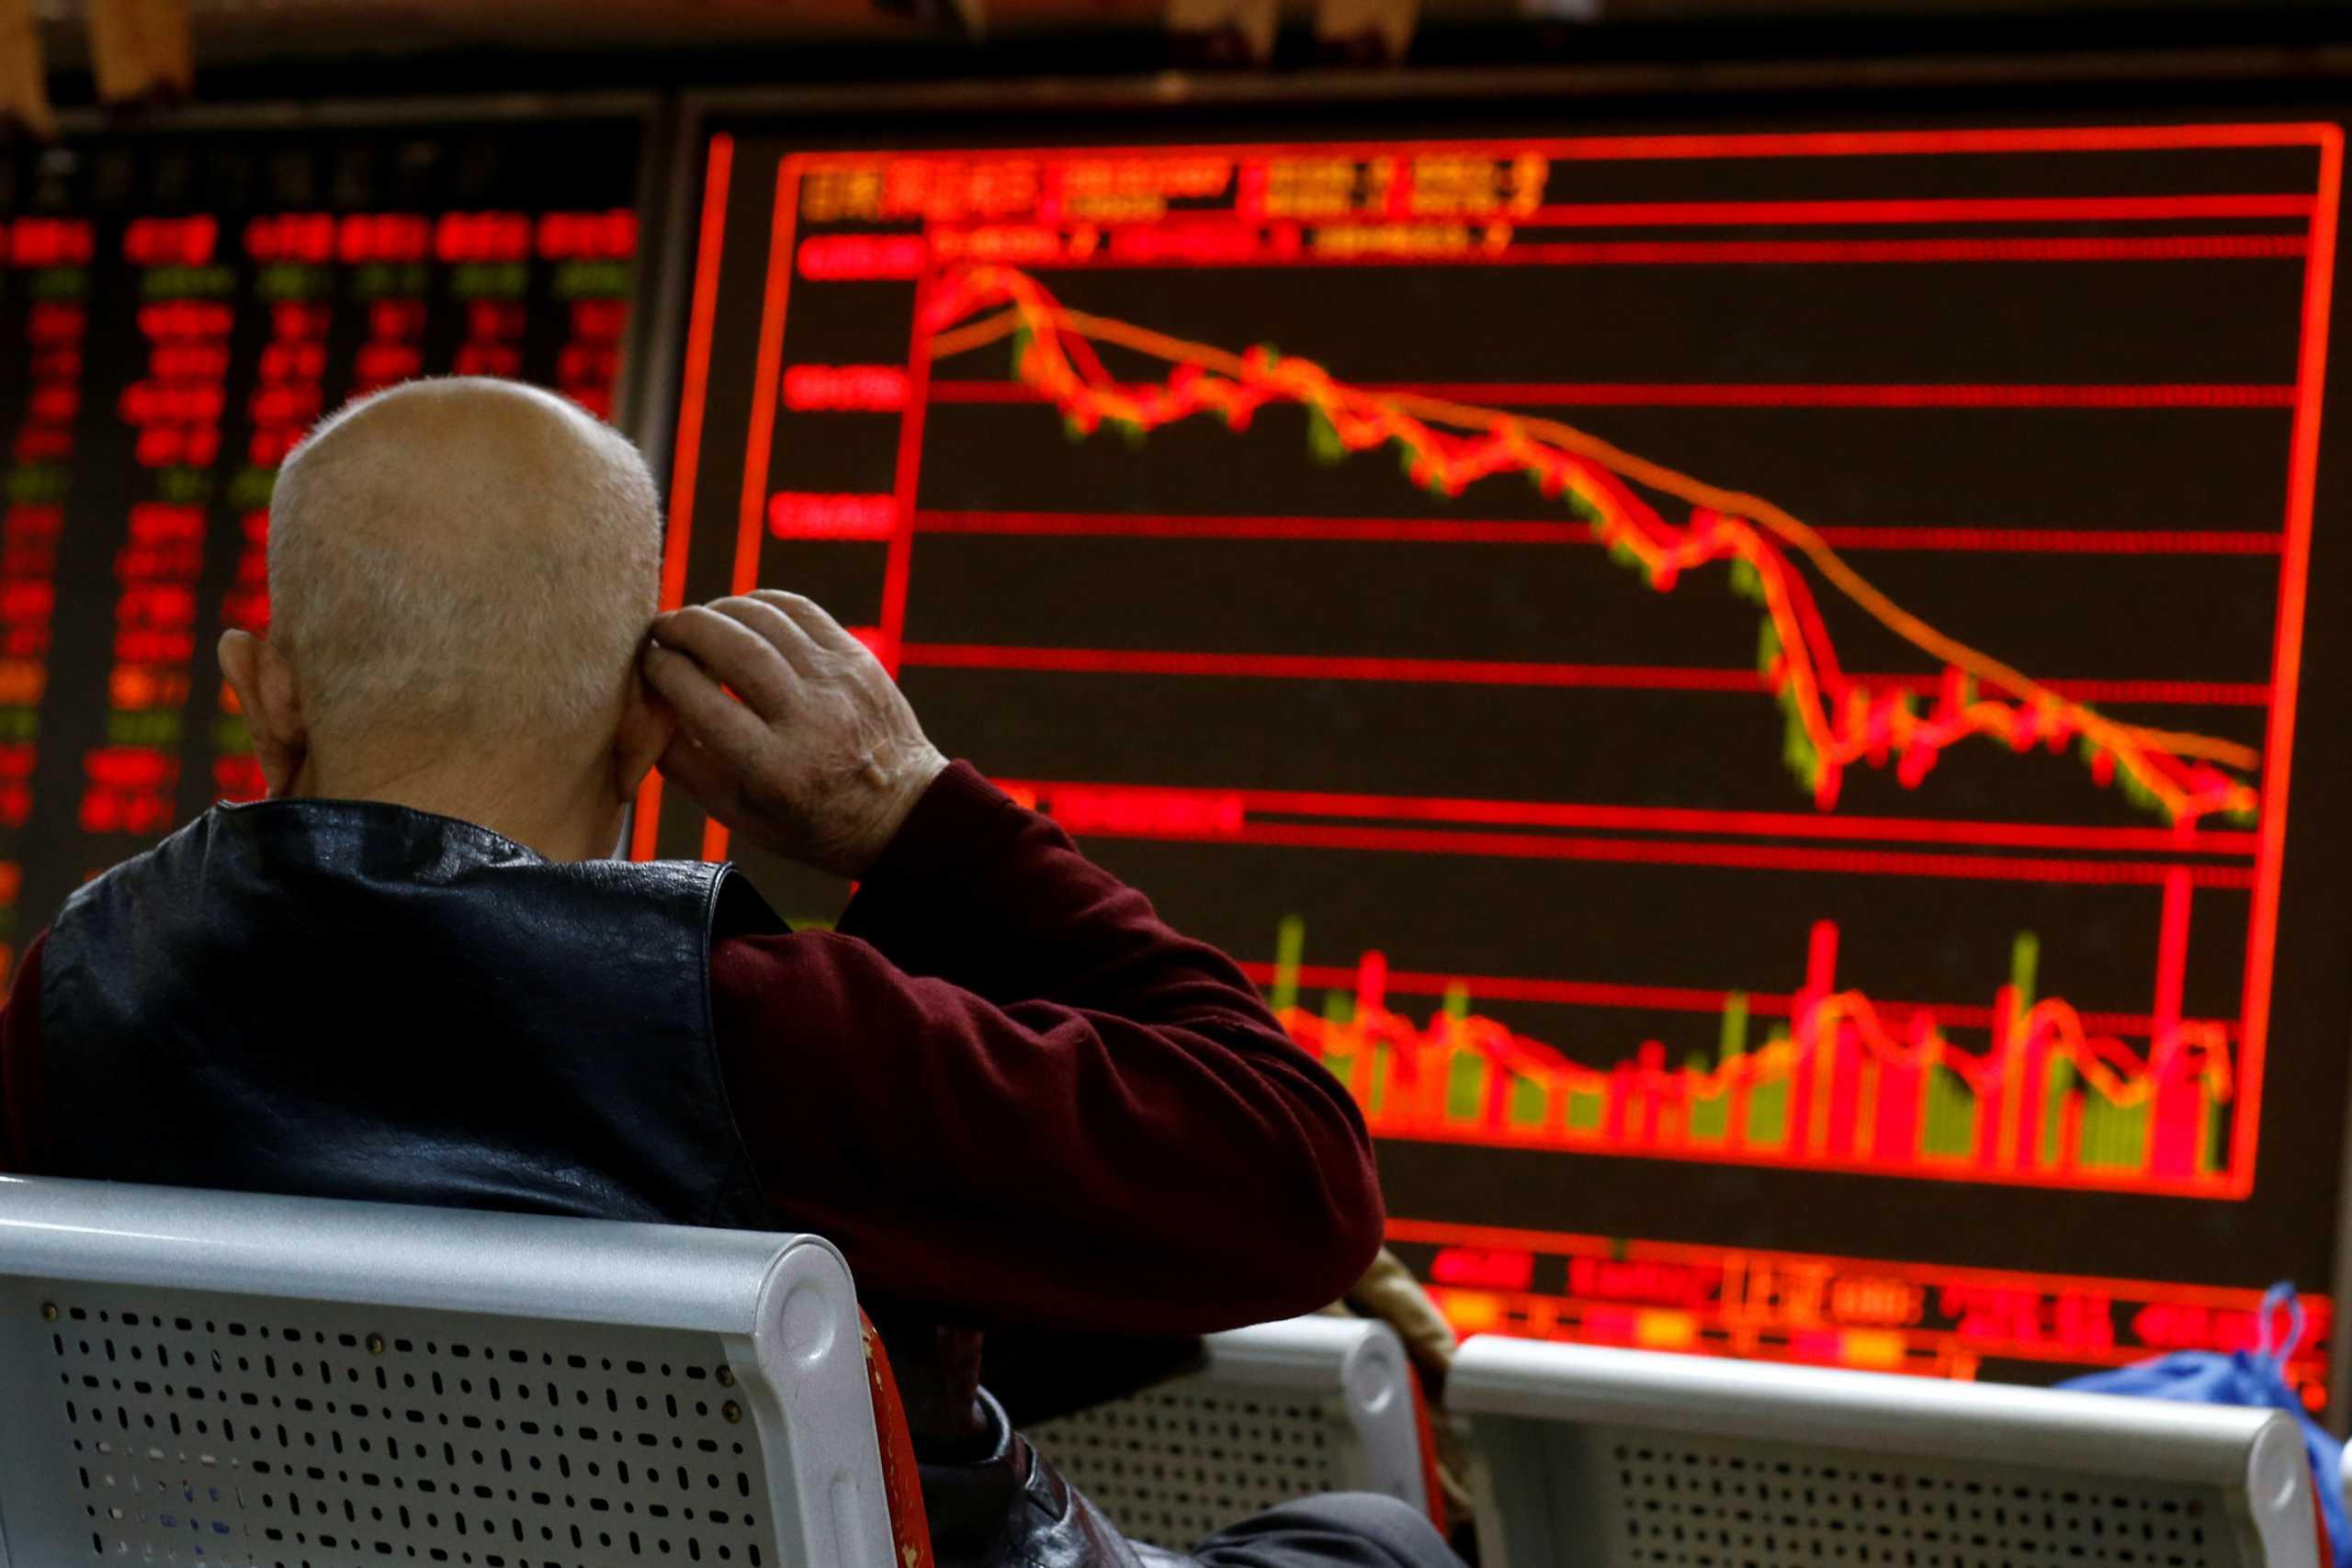 Ο πληθωρισμός επιμένει και προκαλεί ντόμινο αναταραχής στις διεθνείς αγορές – Πιέσεις σε ομόλογα και μετοχές